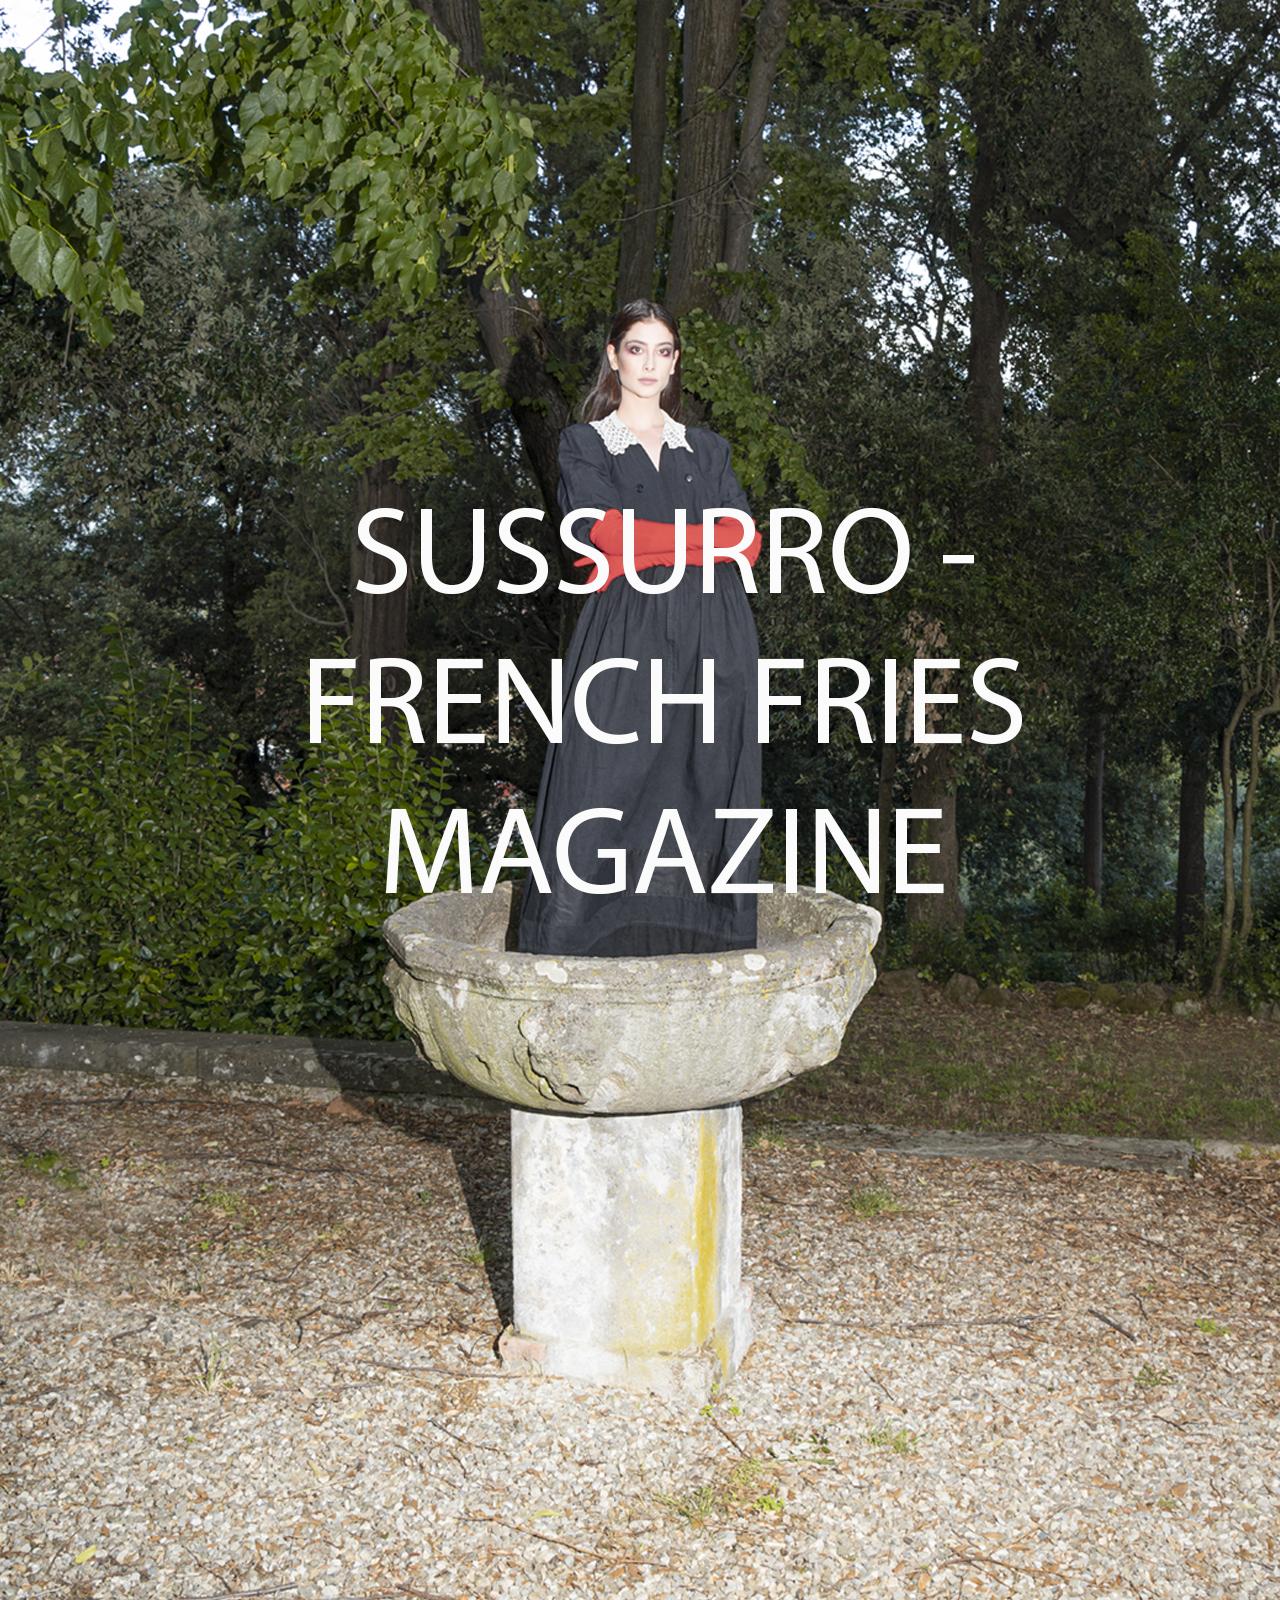 SUSSURRO - FRENCH FRIES MAGAZINE